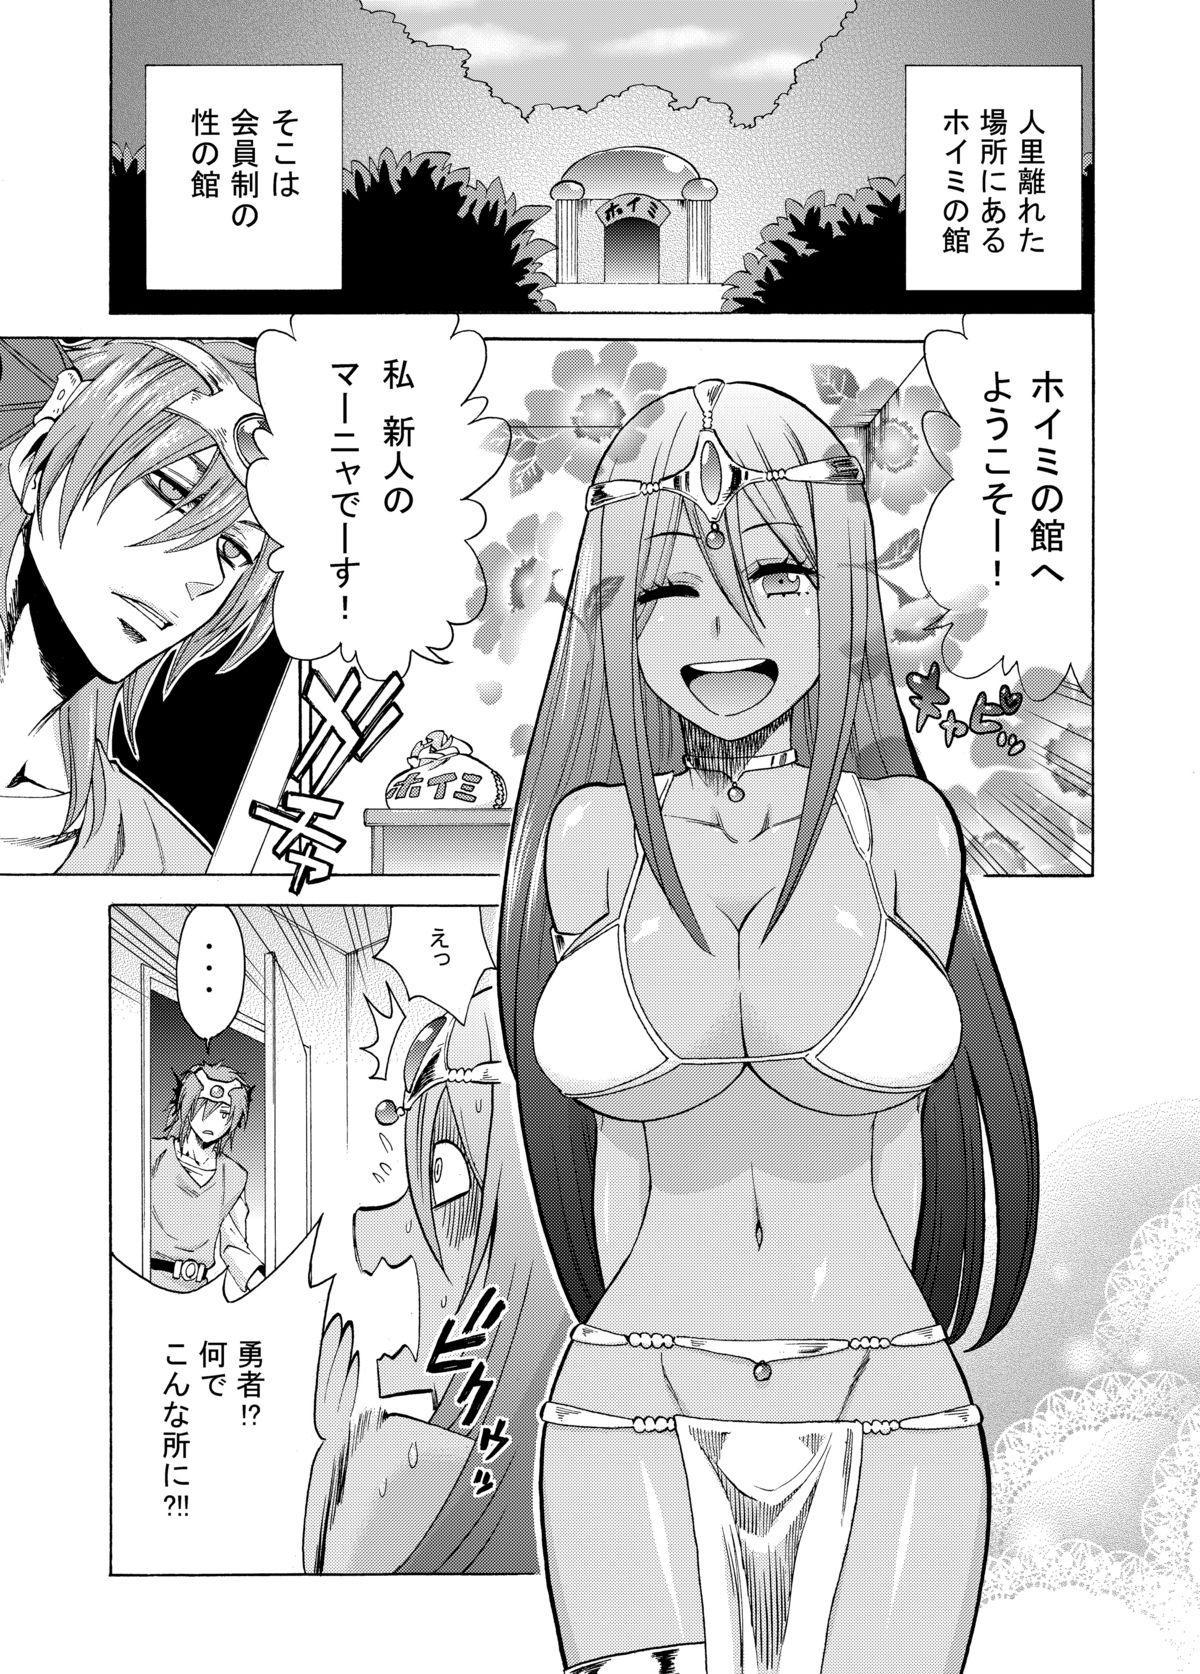 Zettai ni Zenmetsushite wa Ikenai DraQue 21